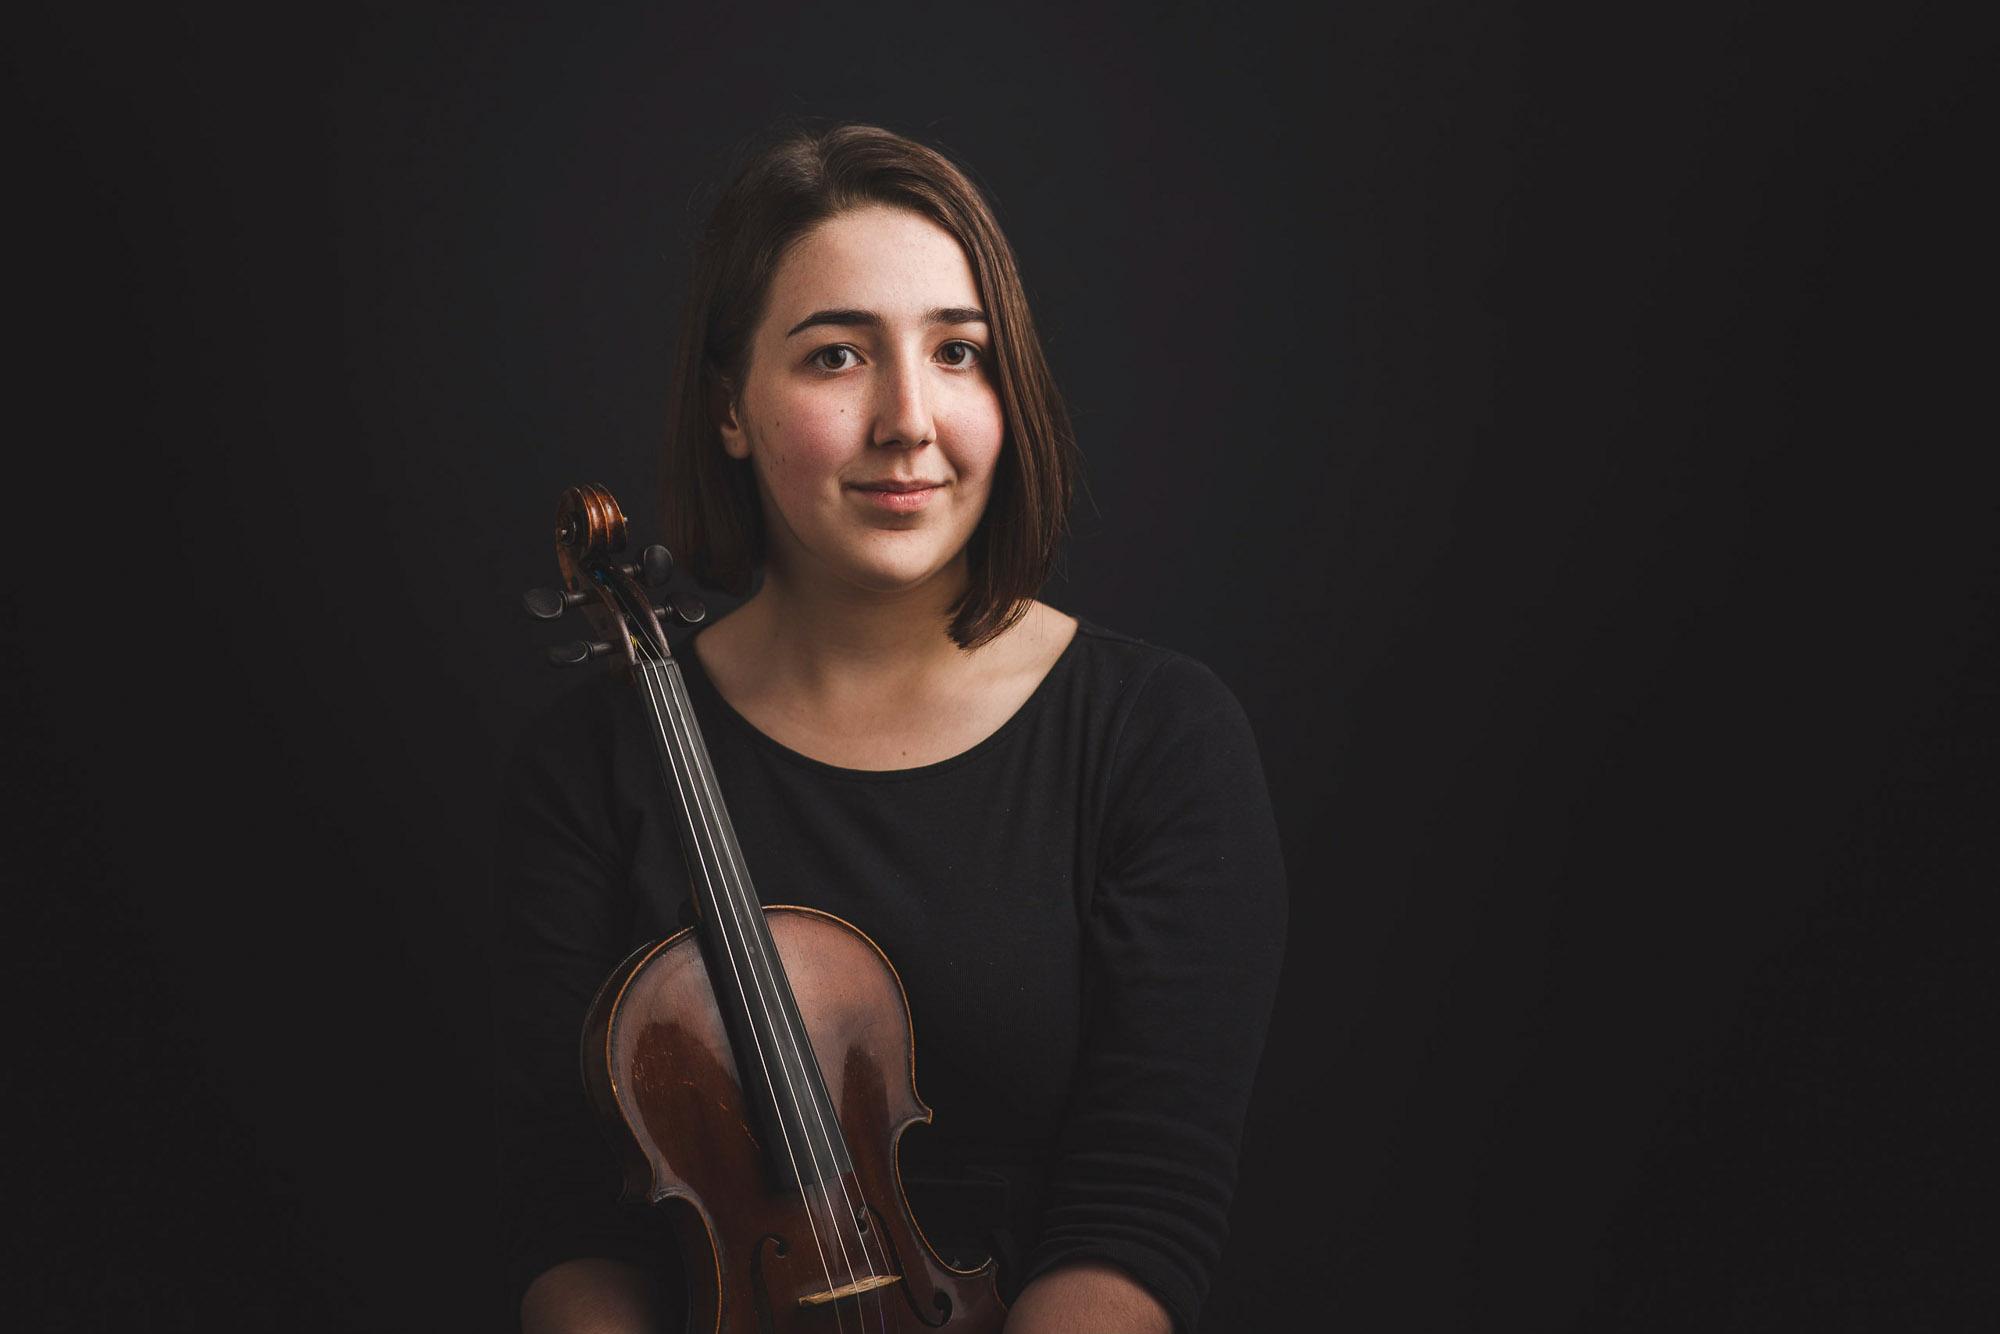 violette-milot-violoniste-photo